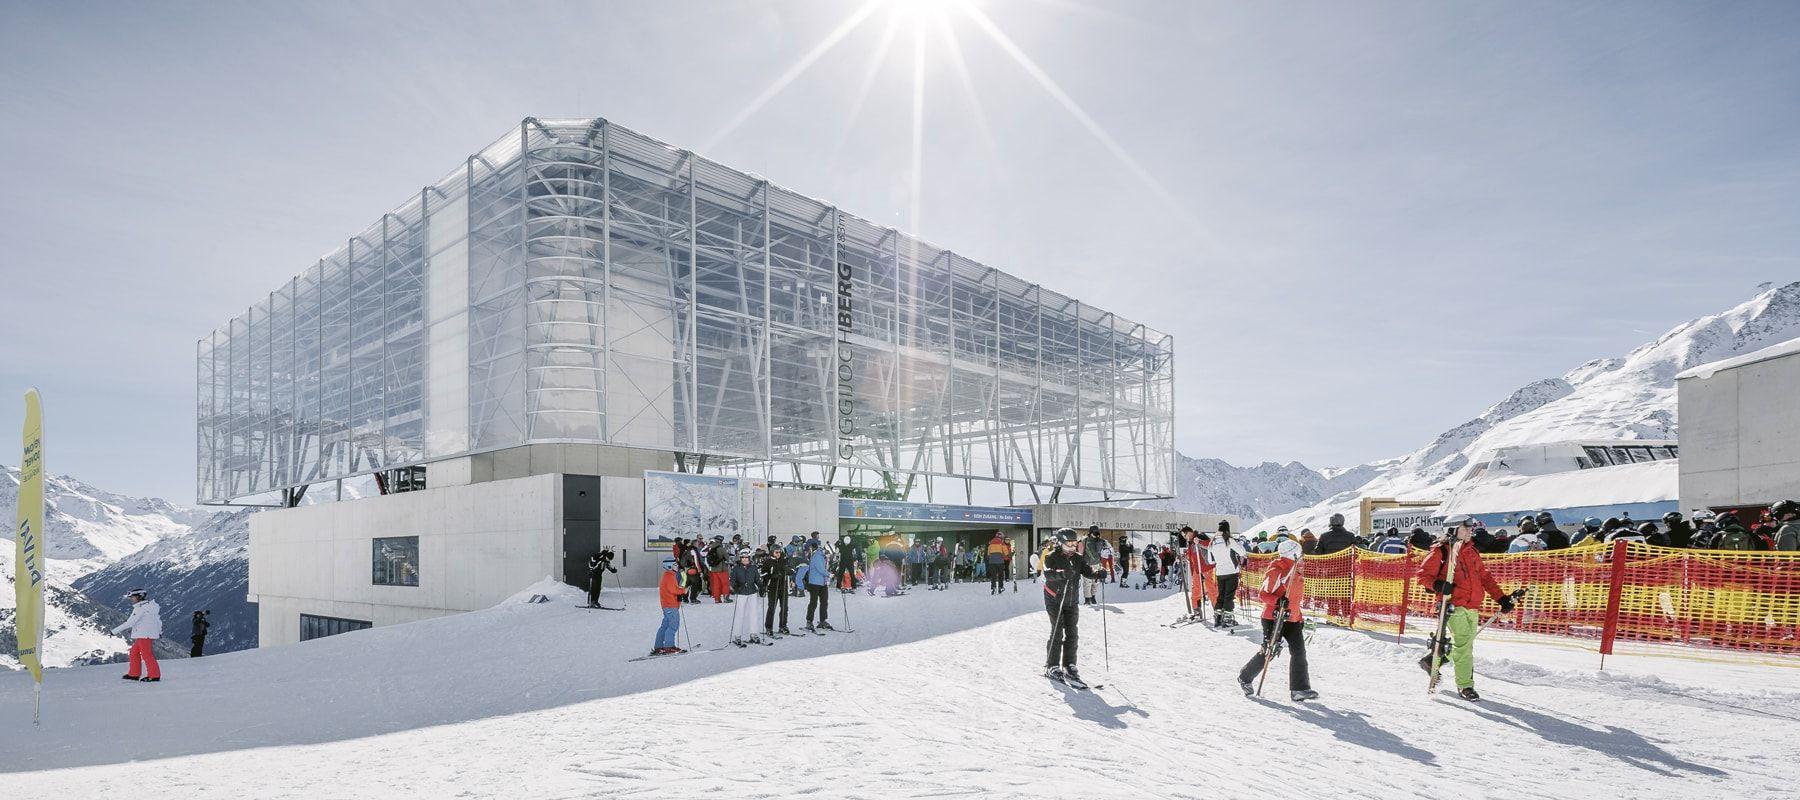 Giggijochbahn-Skigebiet-Sölden